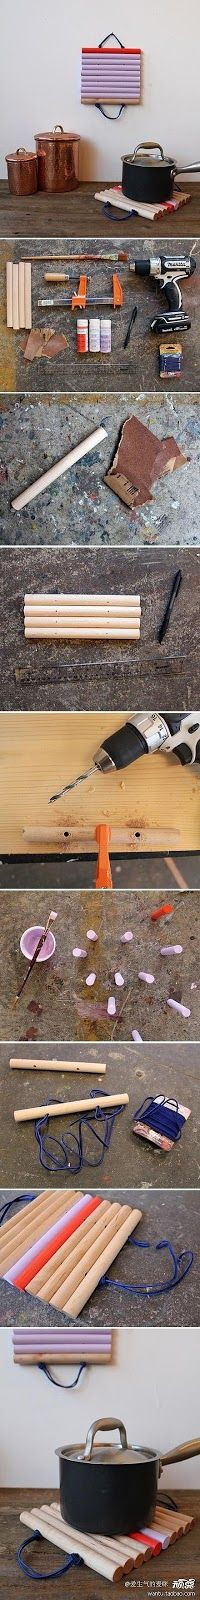 Porta panelas com cabo de vassouras - *Decoração e Invenção*